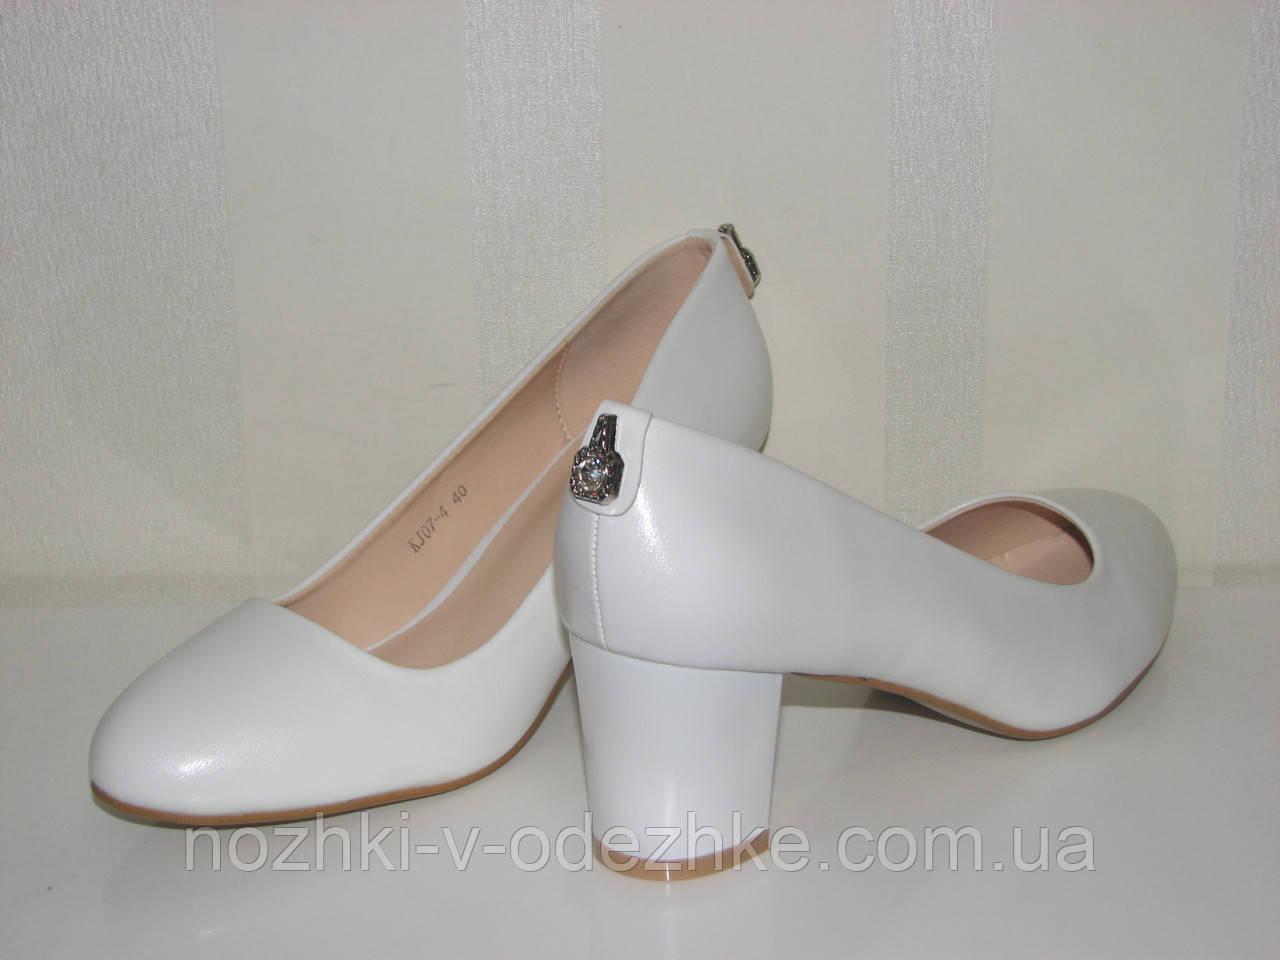 7d5cc84e7 Свадебные белые туфли большого размера 40: продажа, цена в Харькове ...